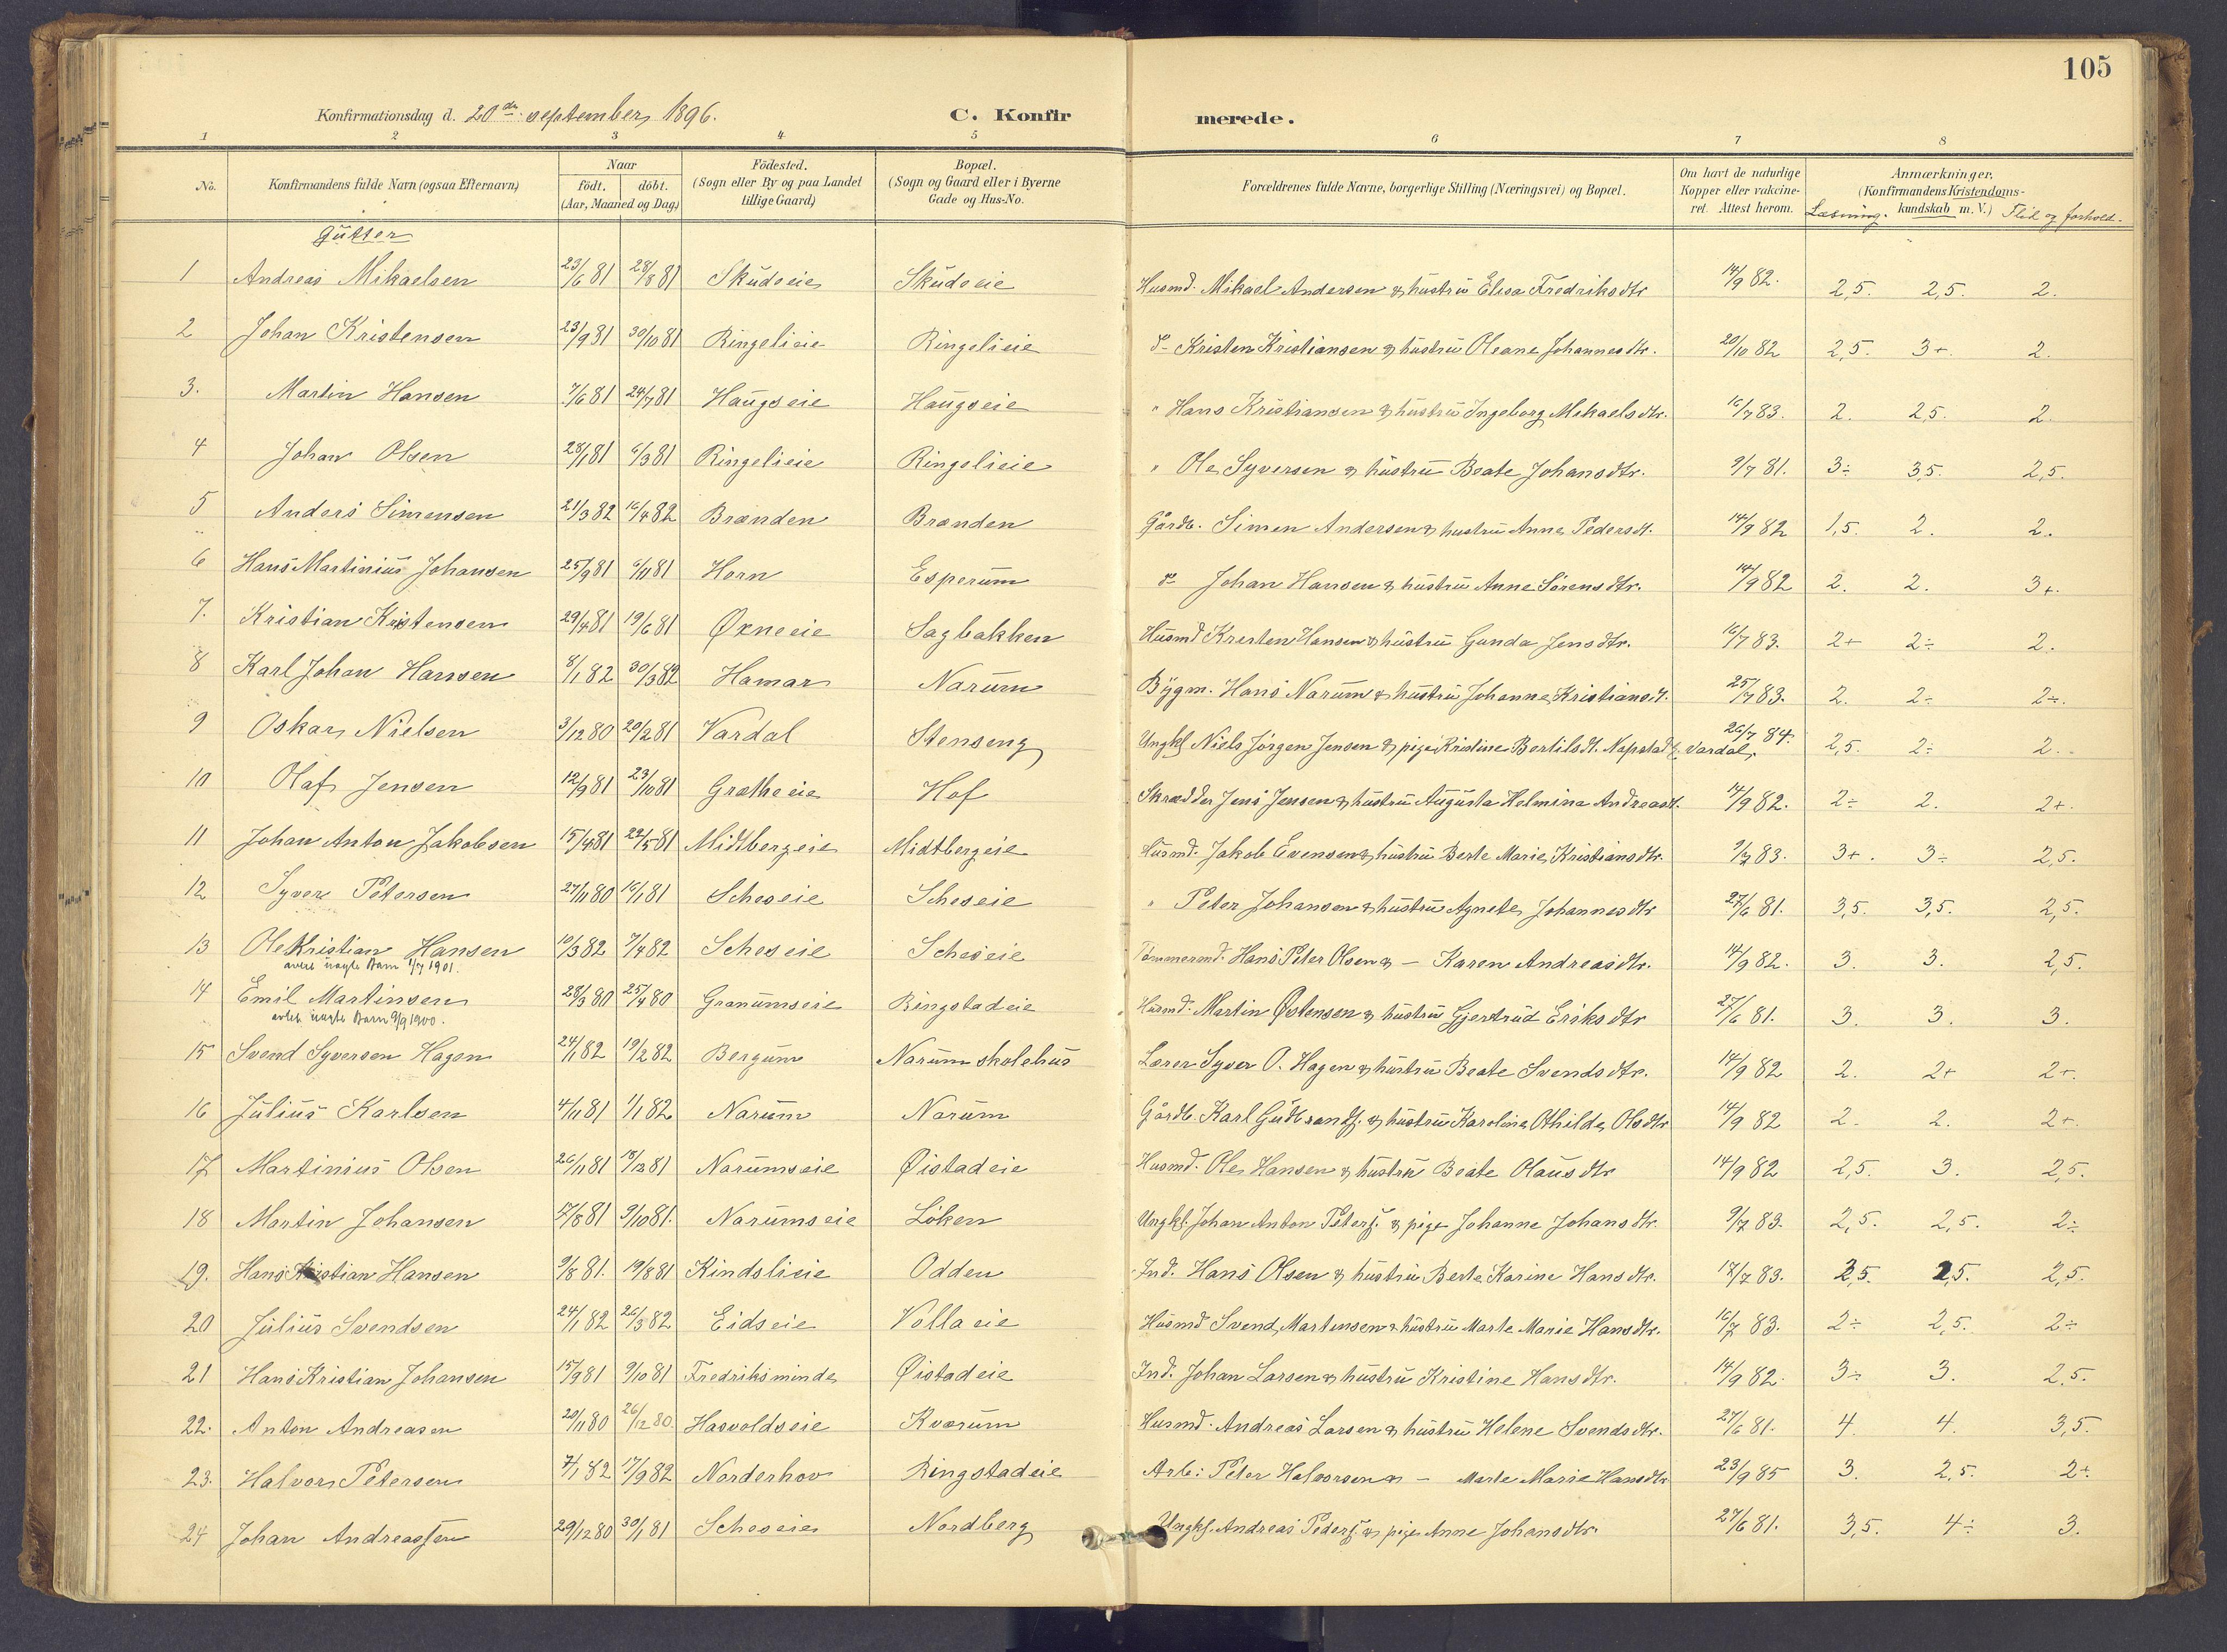 SAH, Søndre Land prestekontor, K/L0006: Ministerialbok nr. 6, 1895-1904, s. 105